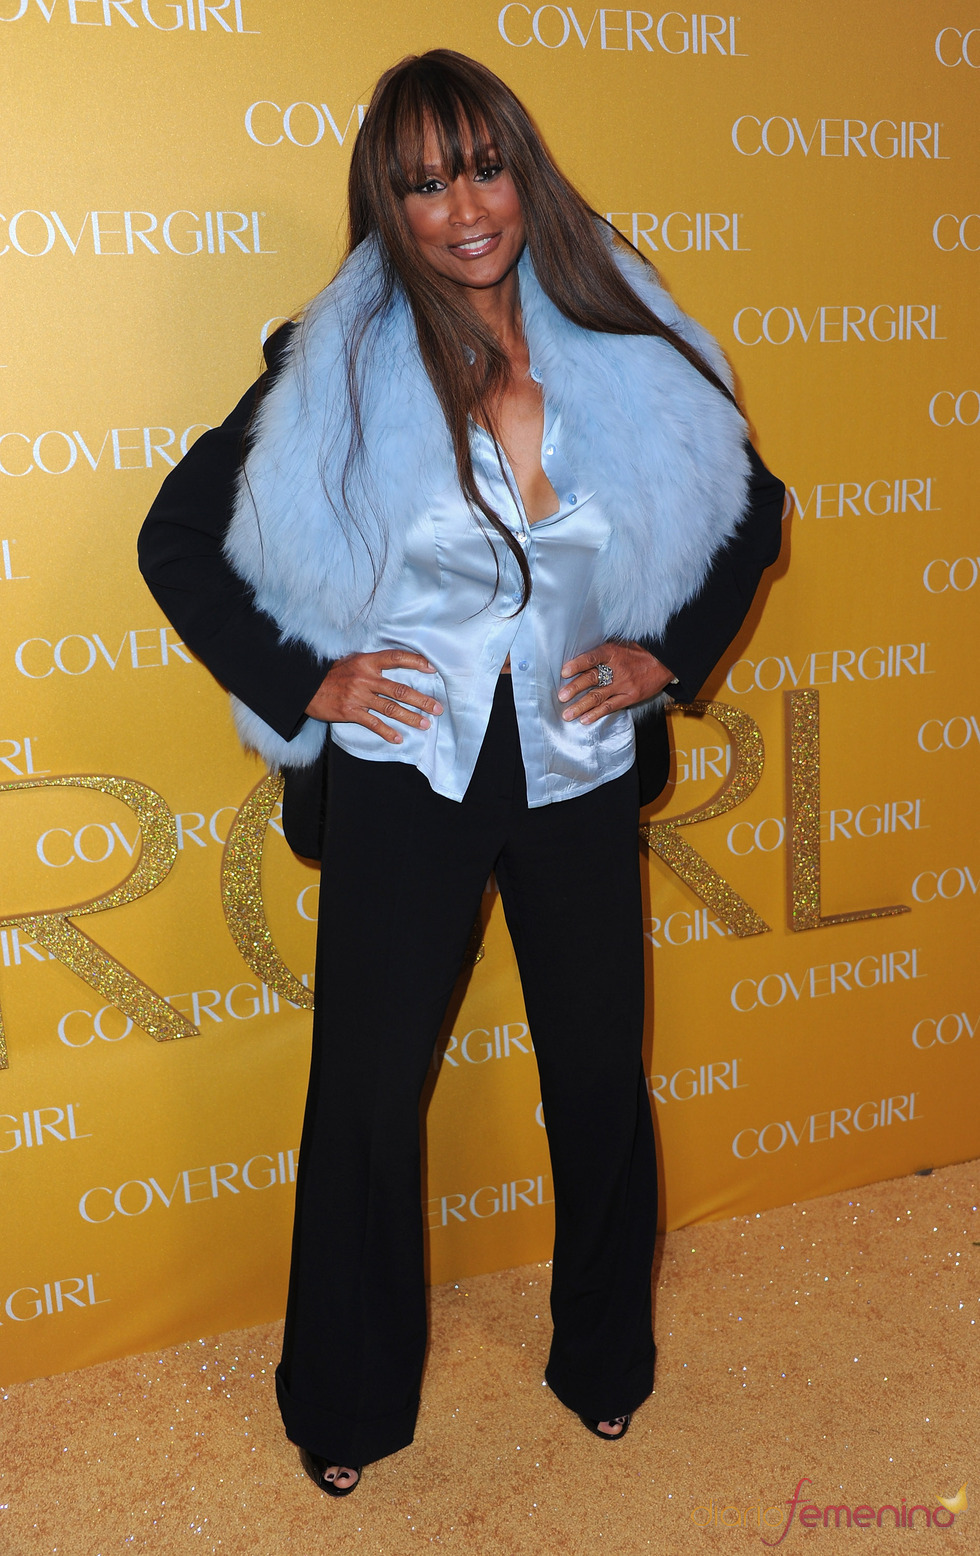 Beverly Johnson en la Fiesta Covergirl